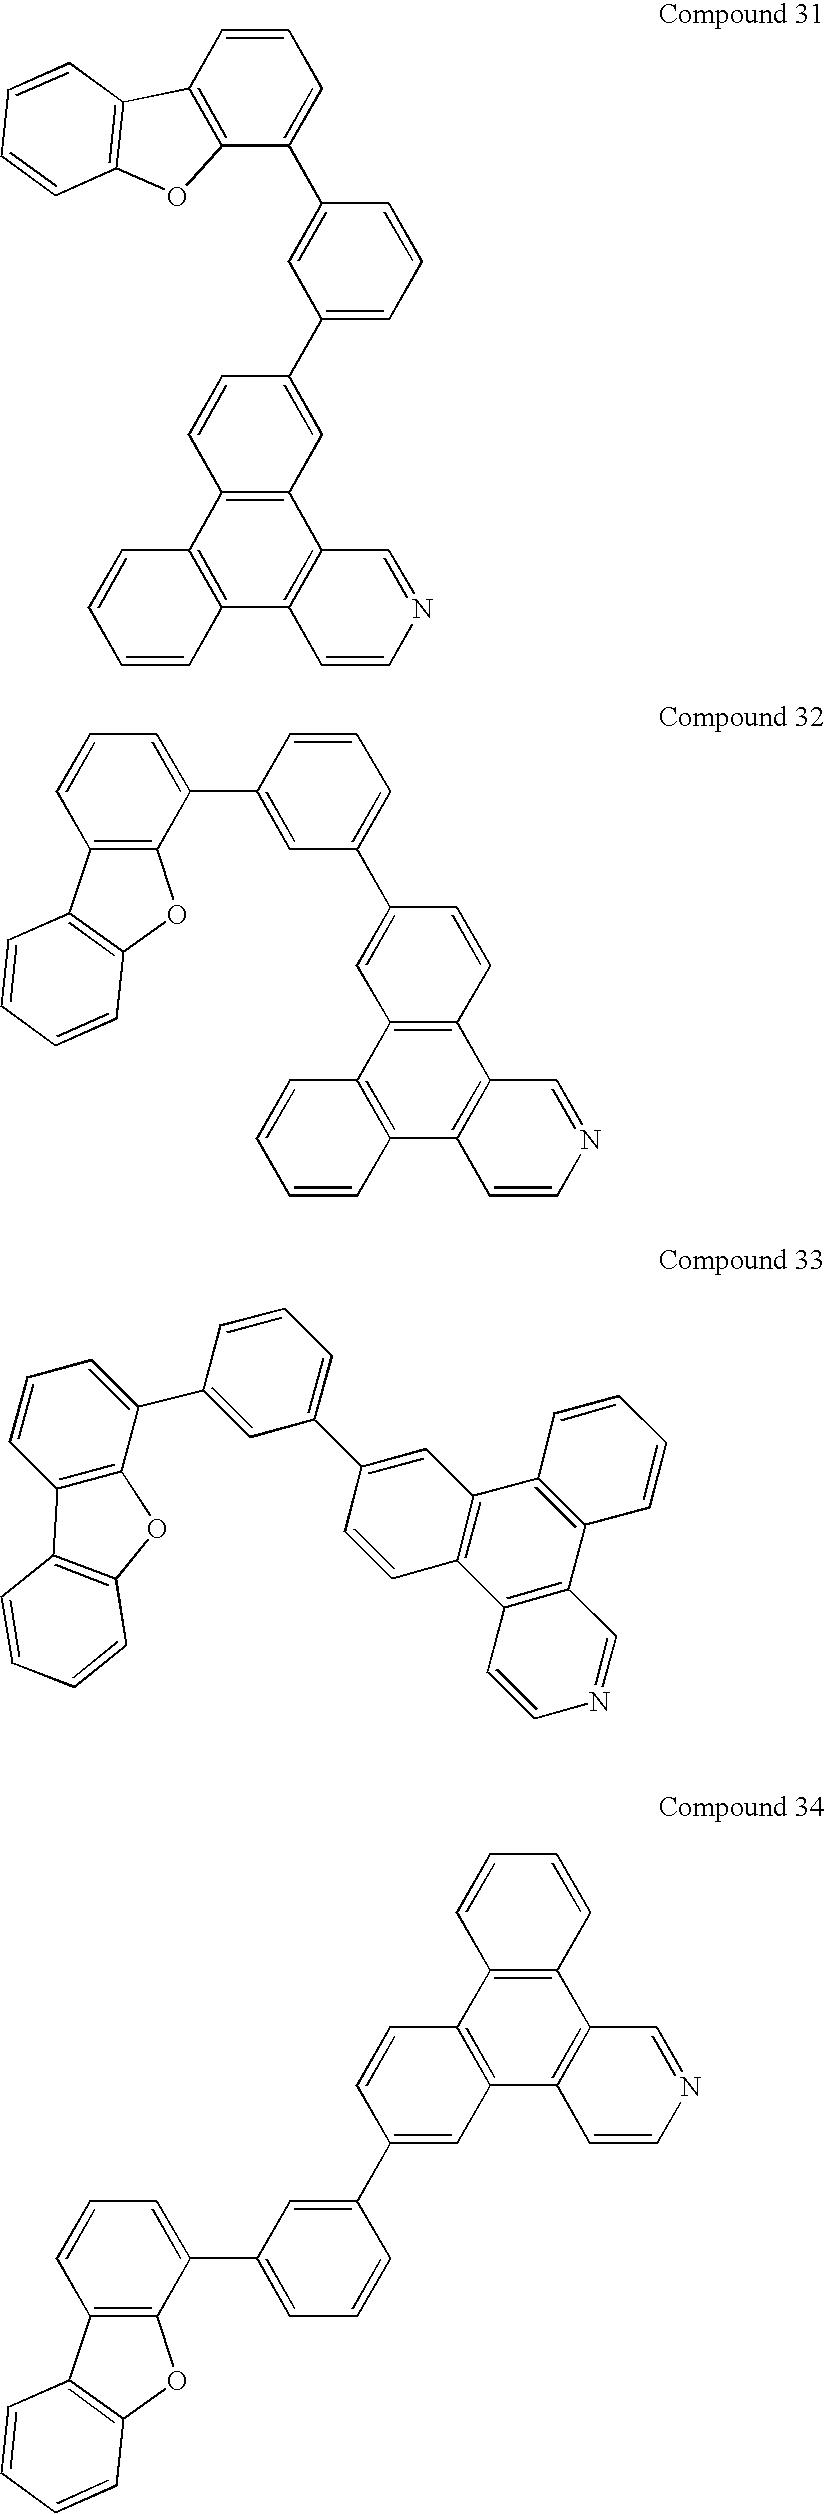 Figure US20100289406A1-20101118-C00038